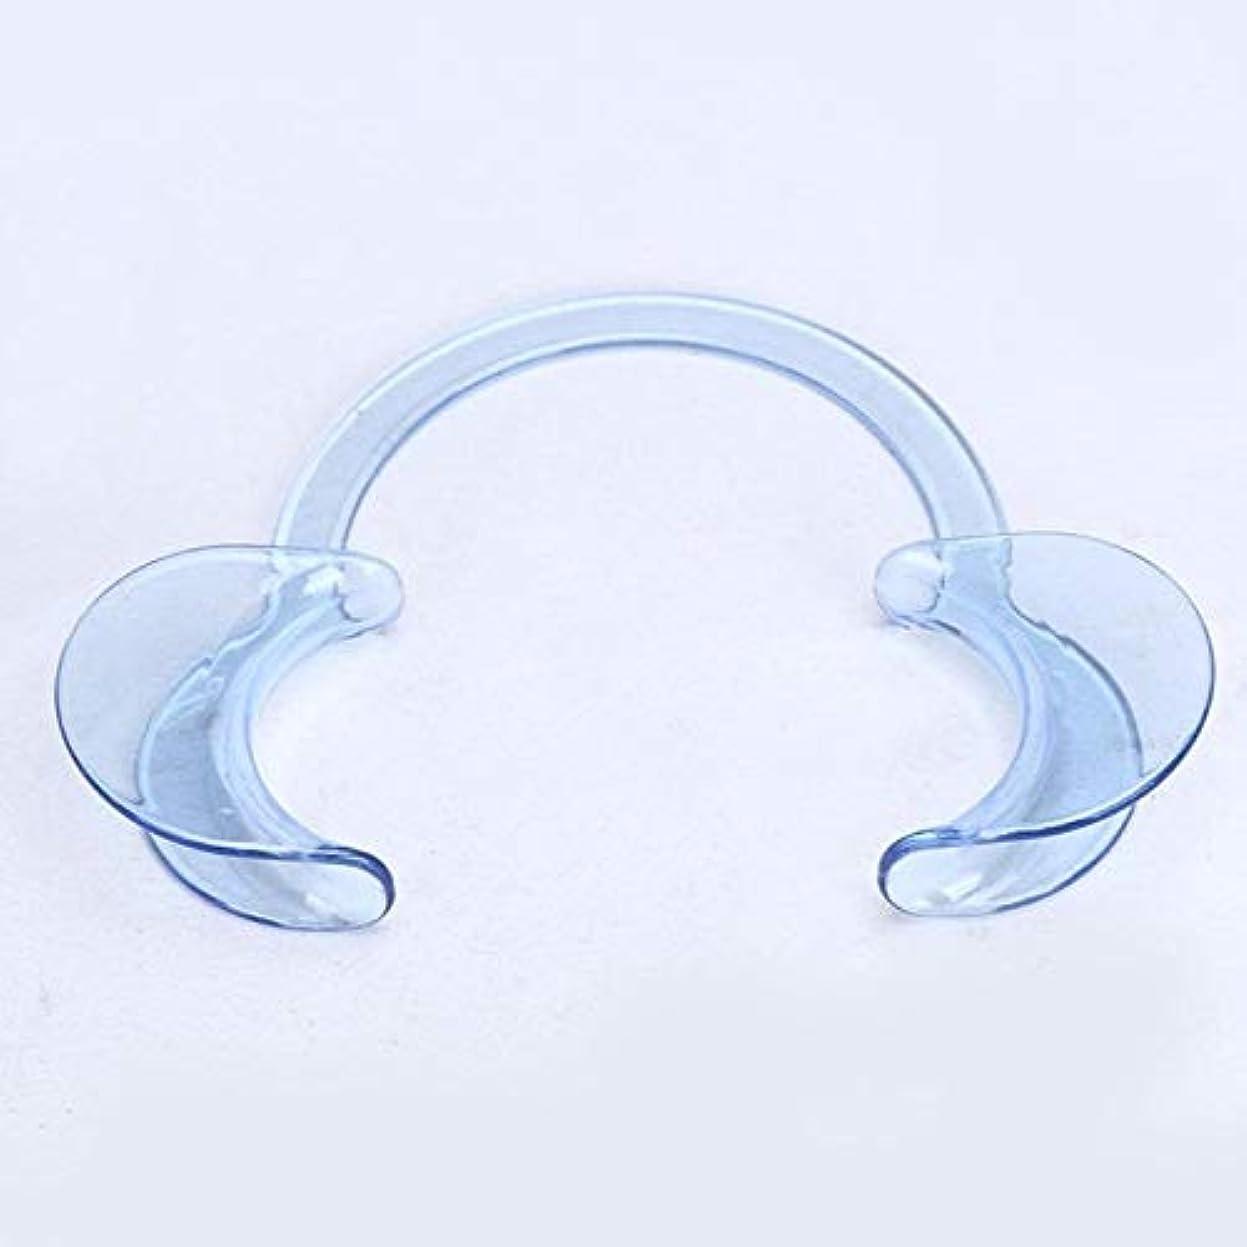 ビタミン専門用語胆嚢DC パック 歯科 C型 開口器 口オープナー マウスオープナー 開口マウスオープナー C型ホワイトニング口の開創器